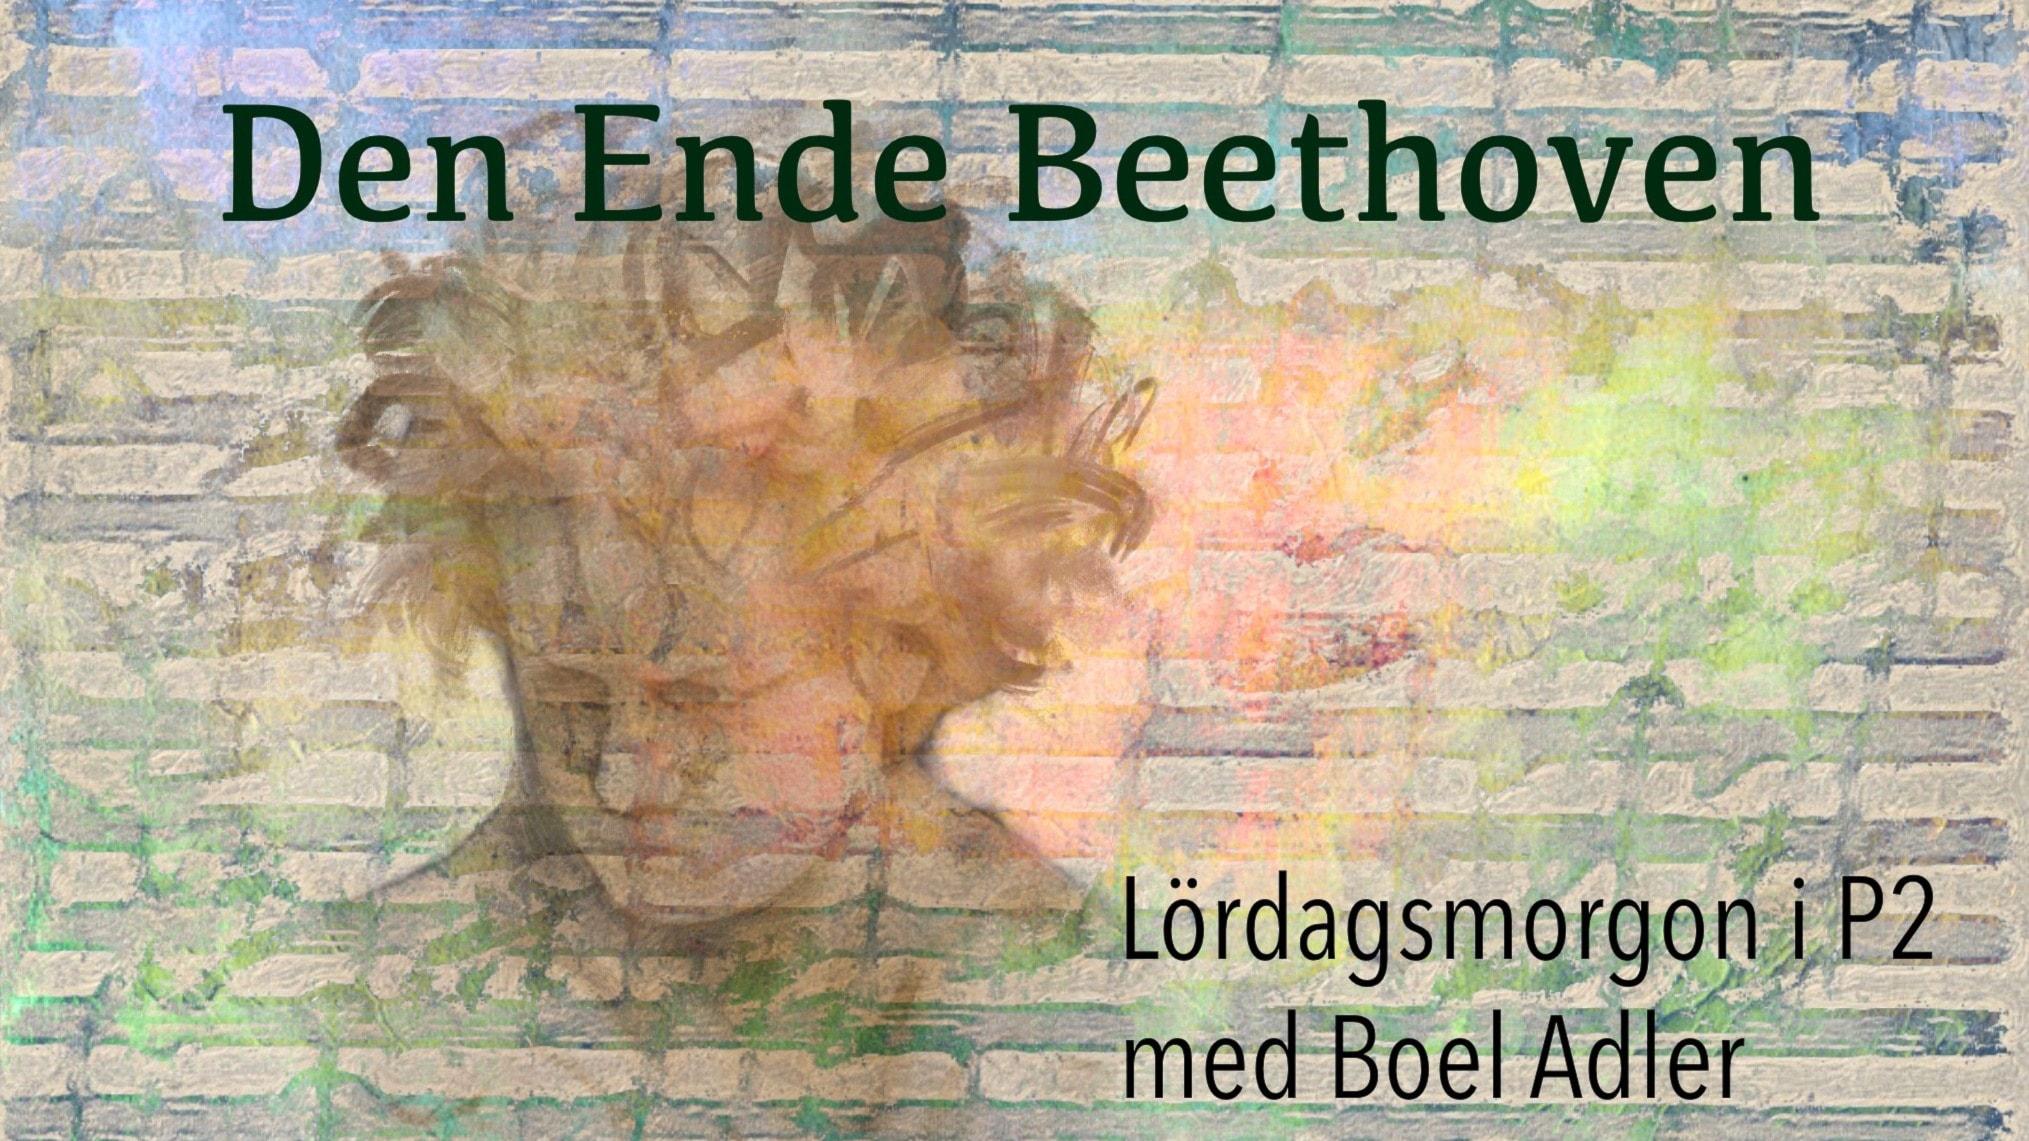 Den Ende Beethoven